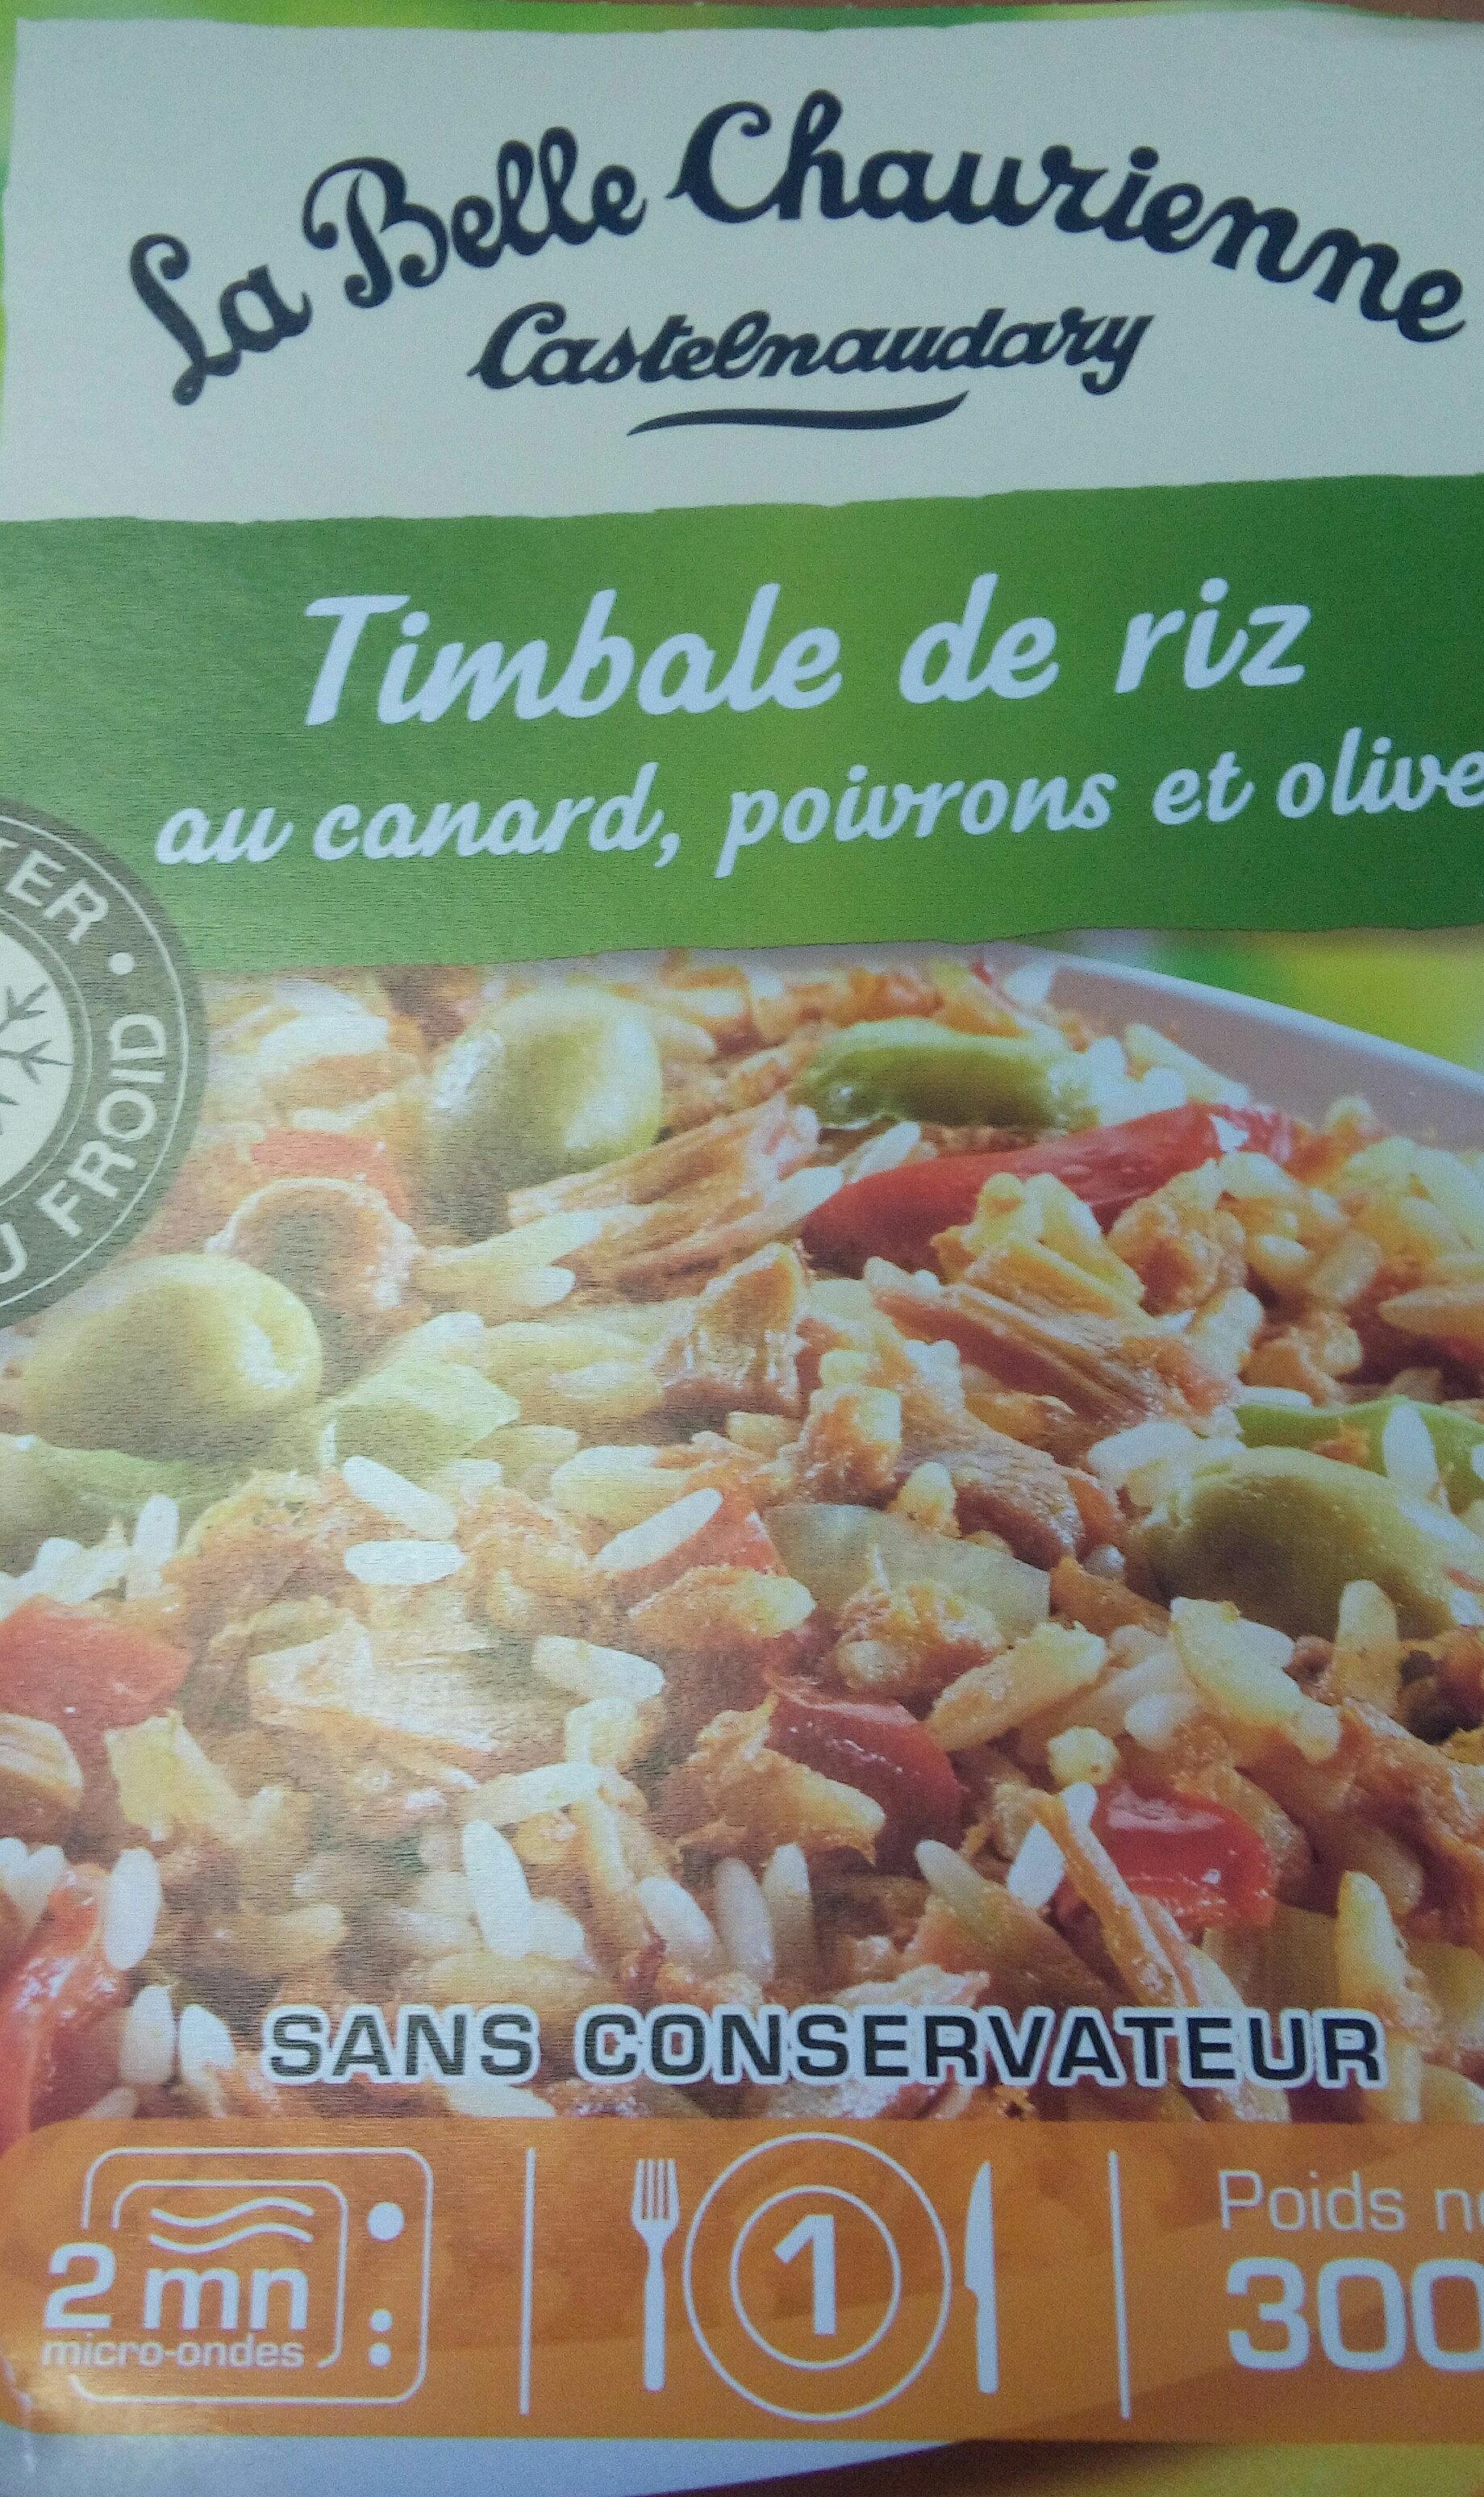 Timbale de riz au canard, poivrons et olives - Produit